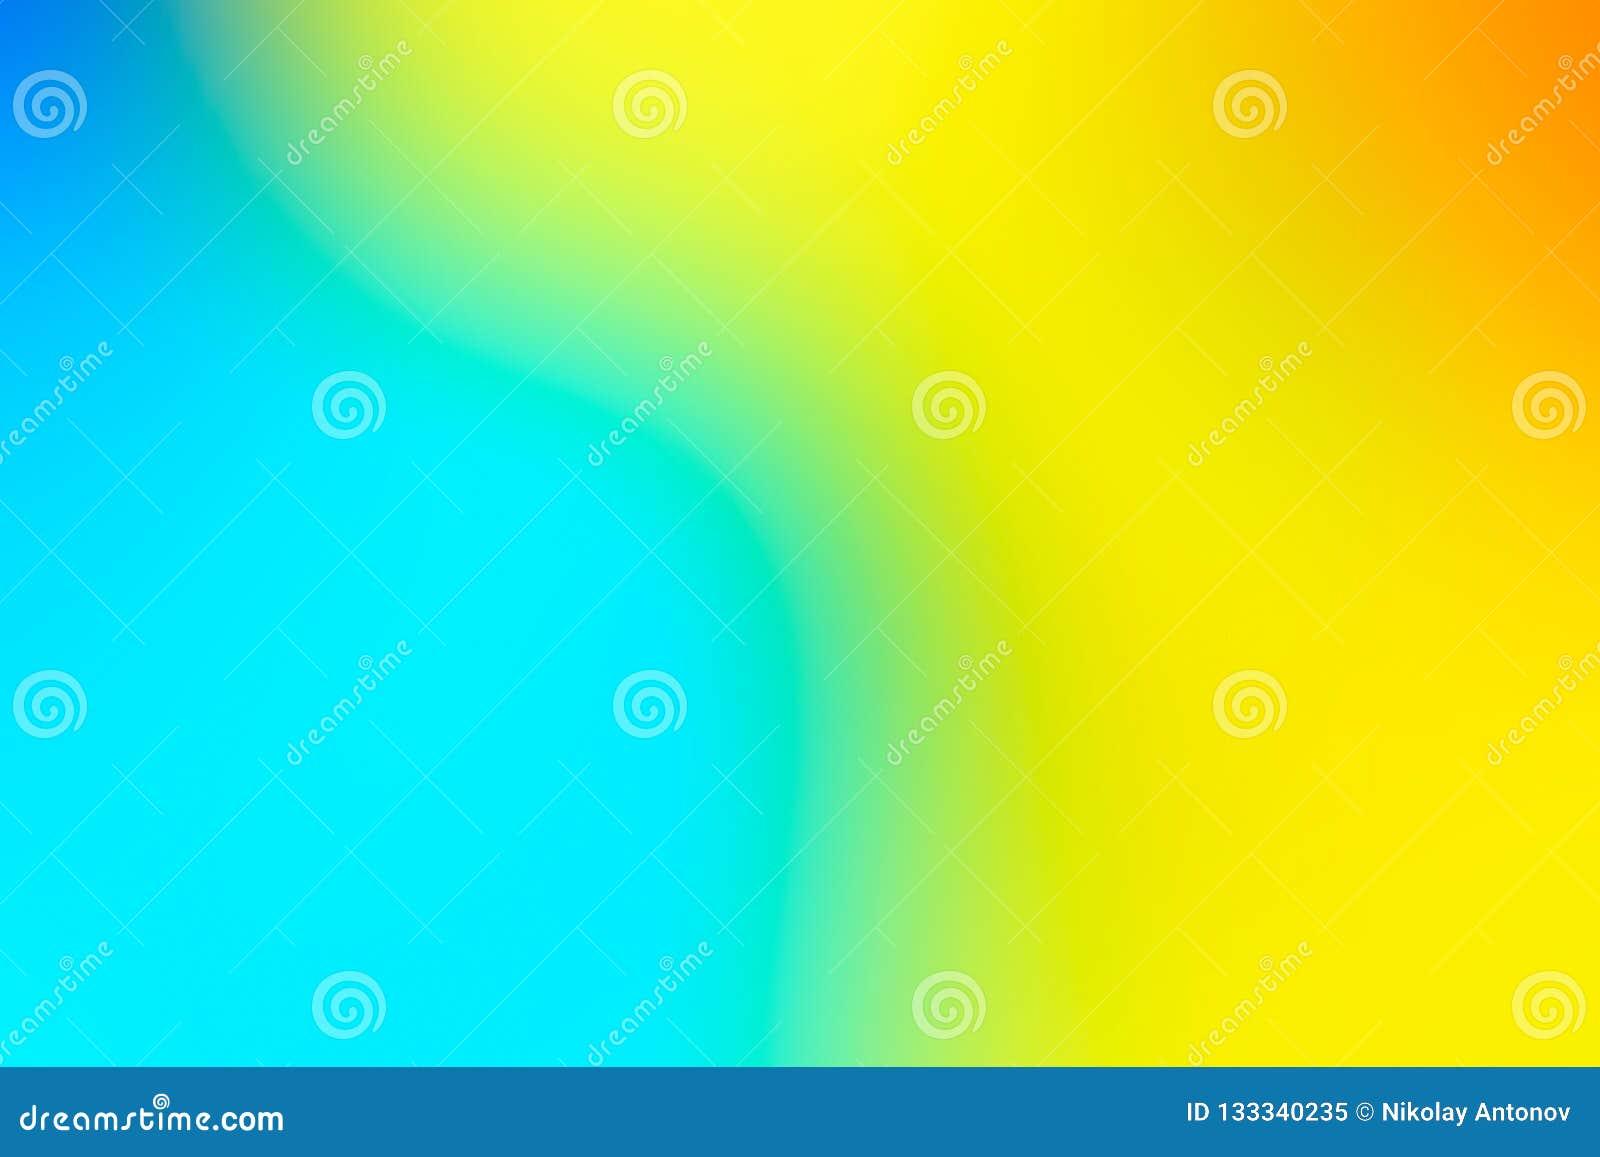 Unscharfer Hintergrund in den vibrierenden Neonfarben Mehrfarbiges undeutliches Beschaffenheitsmuster für Entwurf Gelber und blau